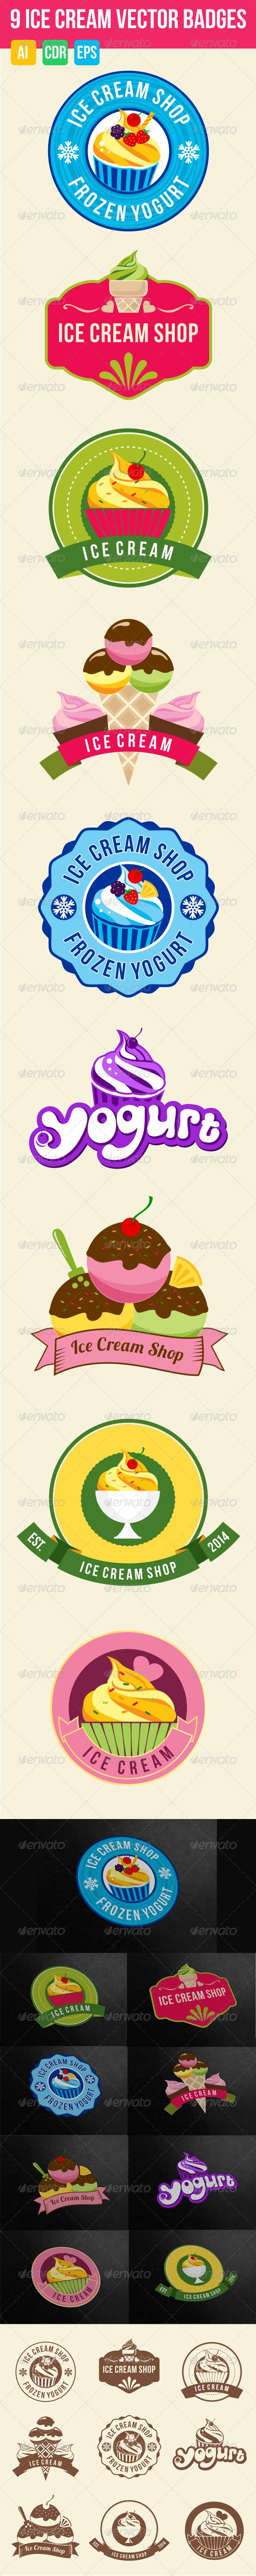 9 Ice Cream Badges